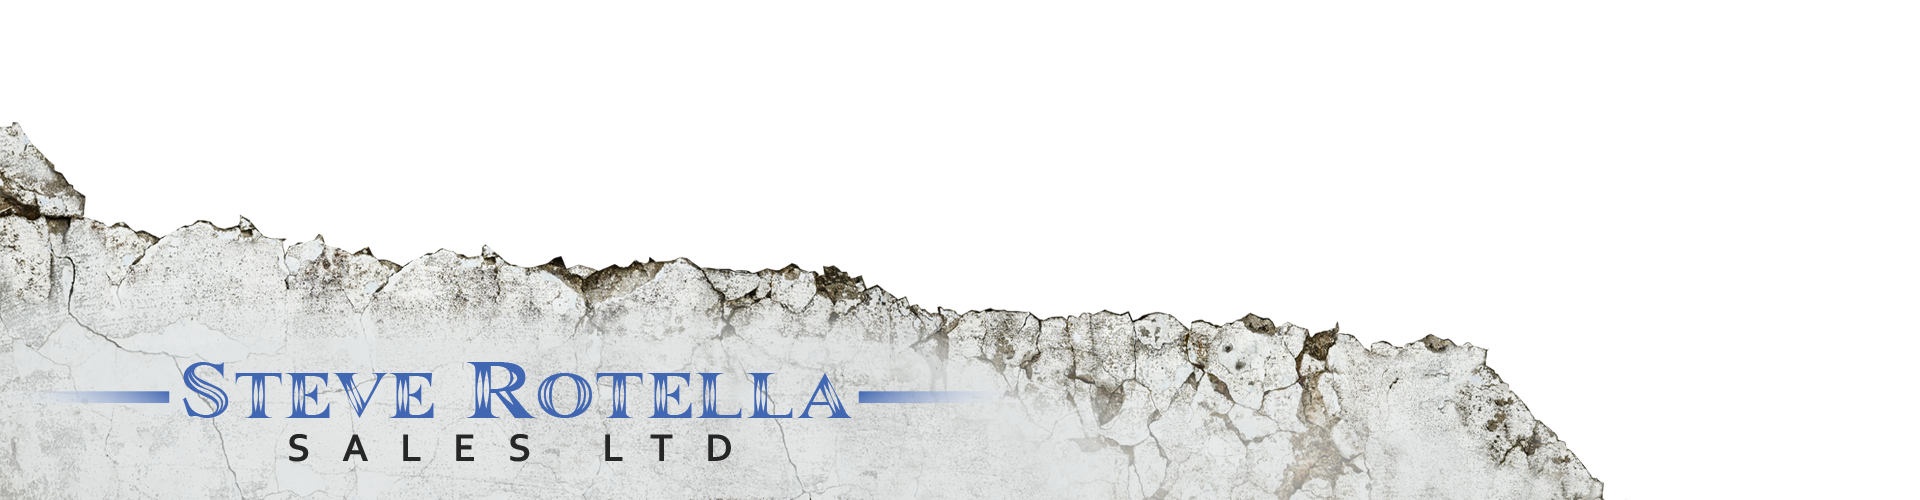 Steve Rotella Sales Ltd